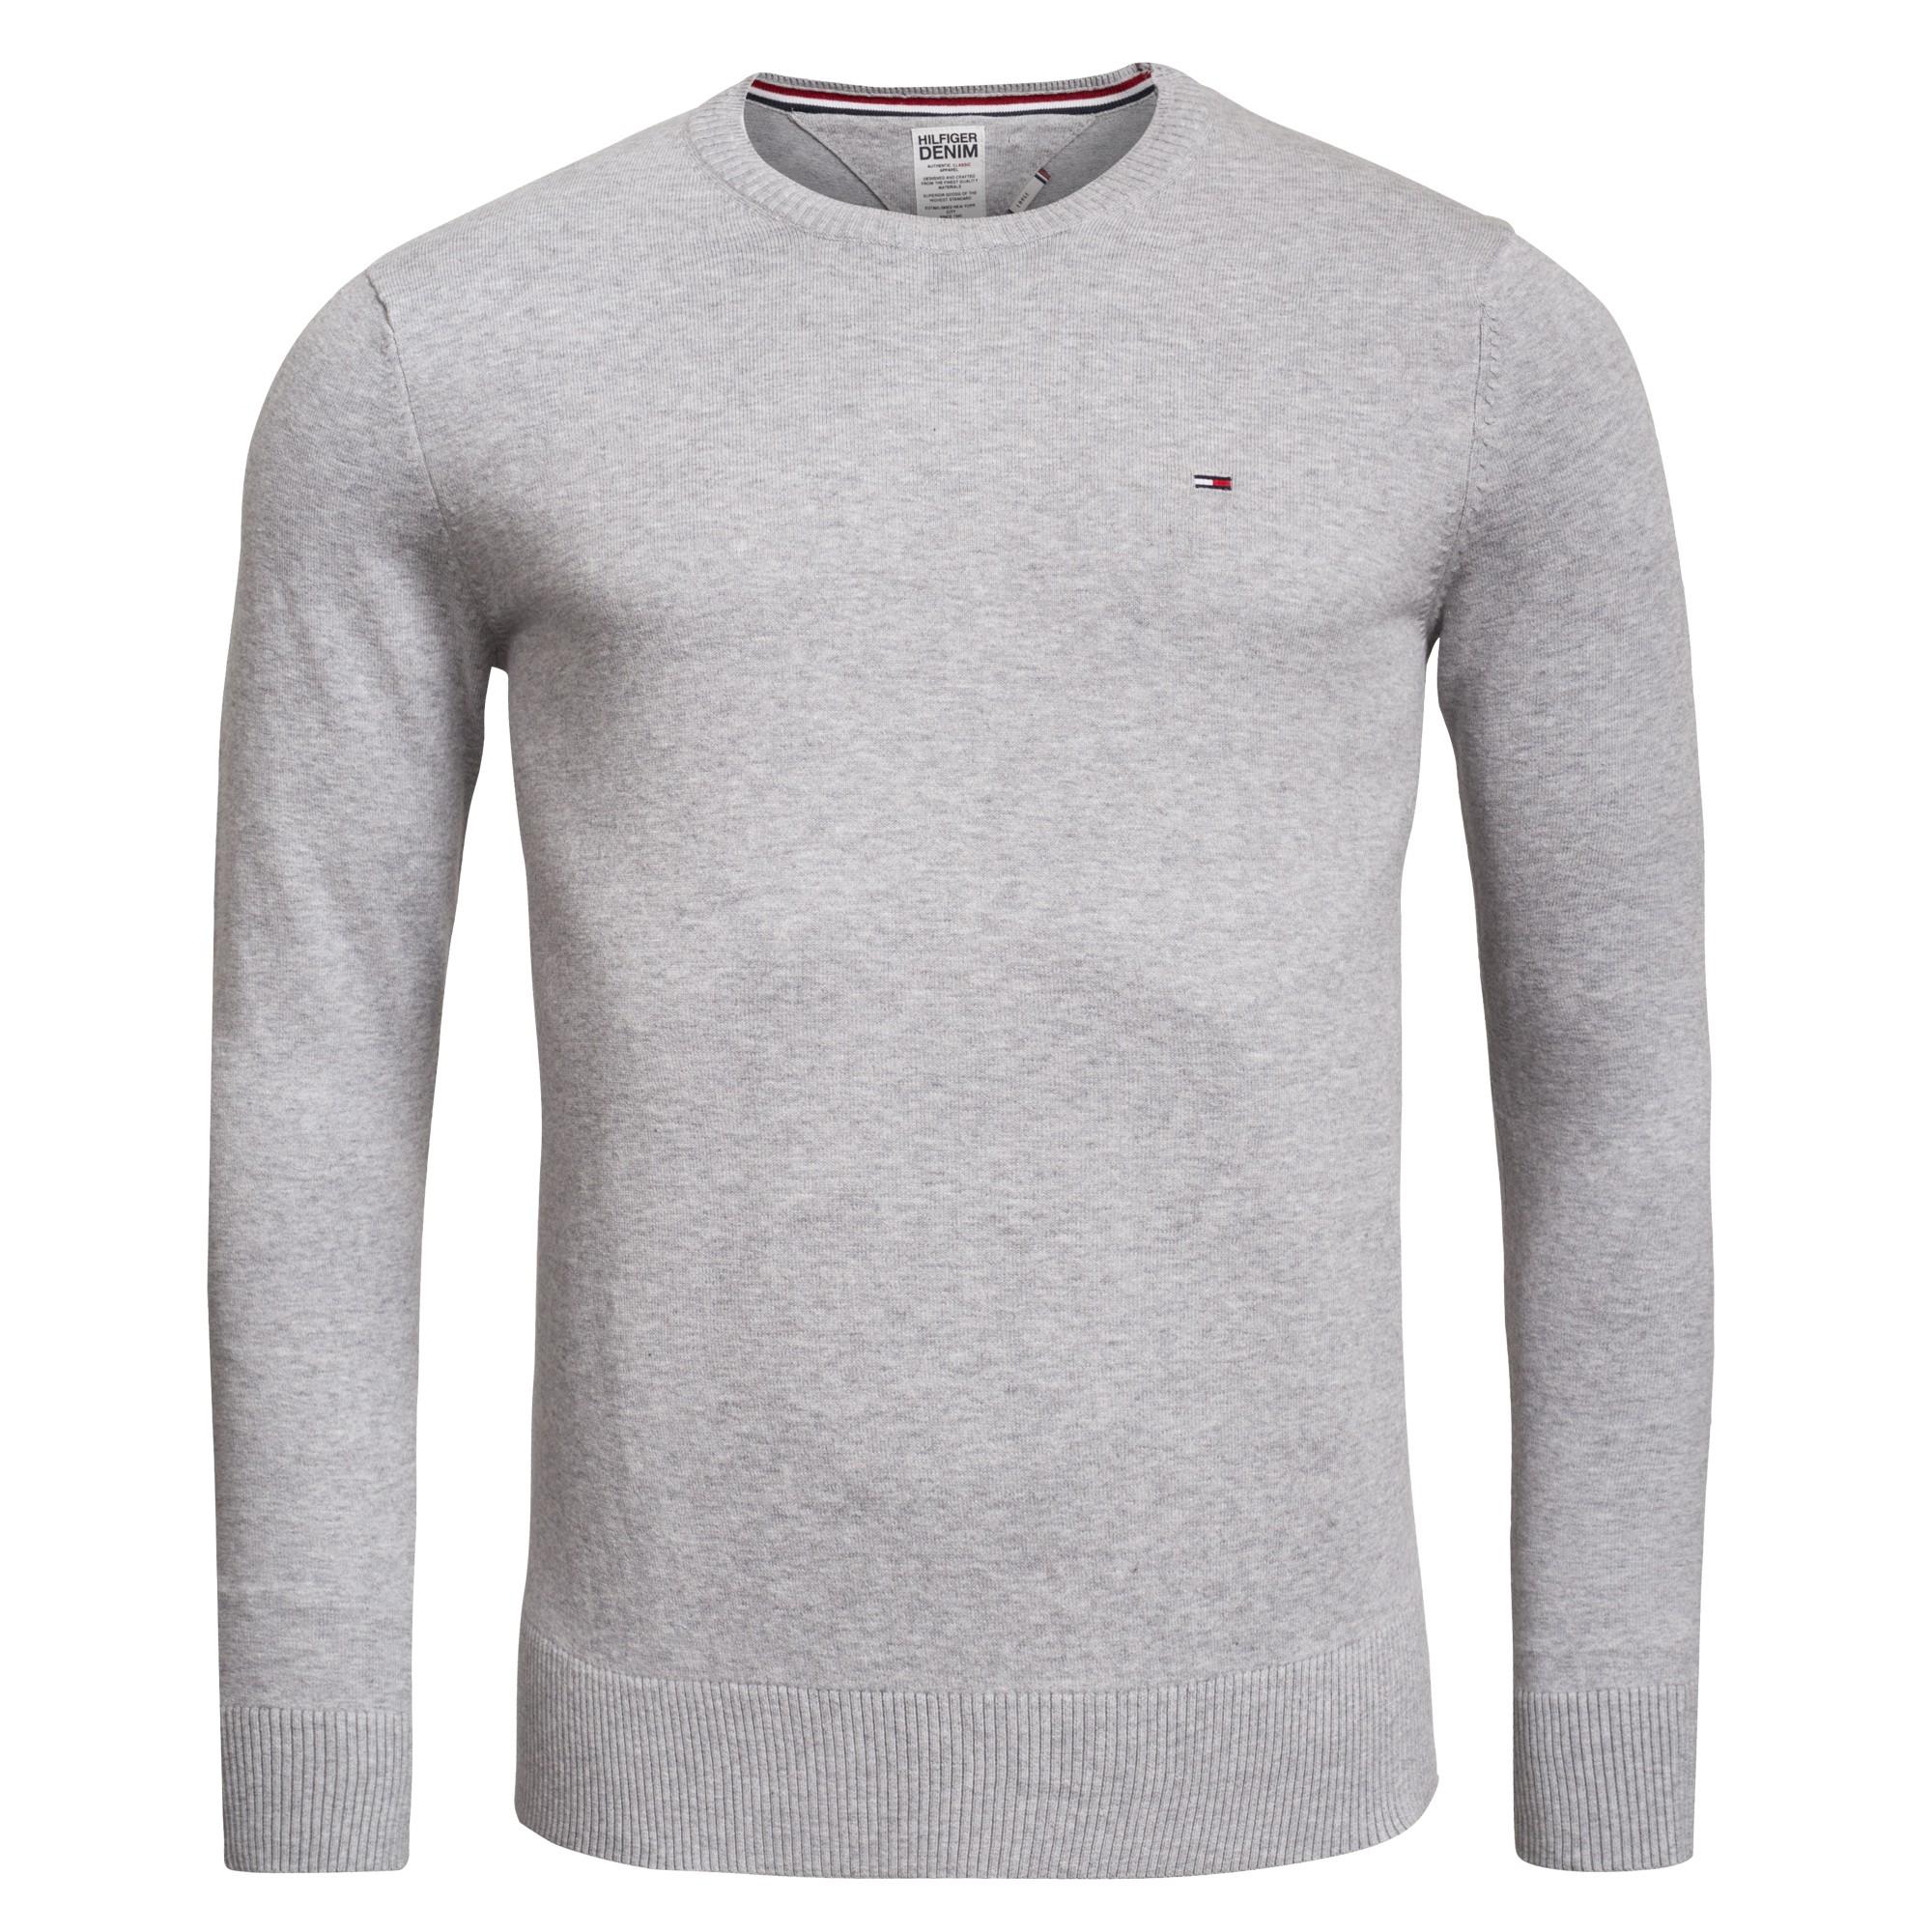 3eb19f029d52aa Tommy Hilfiger Denim TAMBER Rundhals Pullover Pulli Sweater Gr. S-XXL